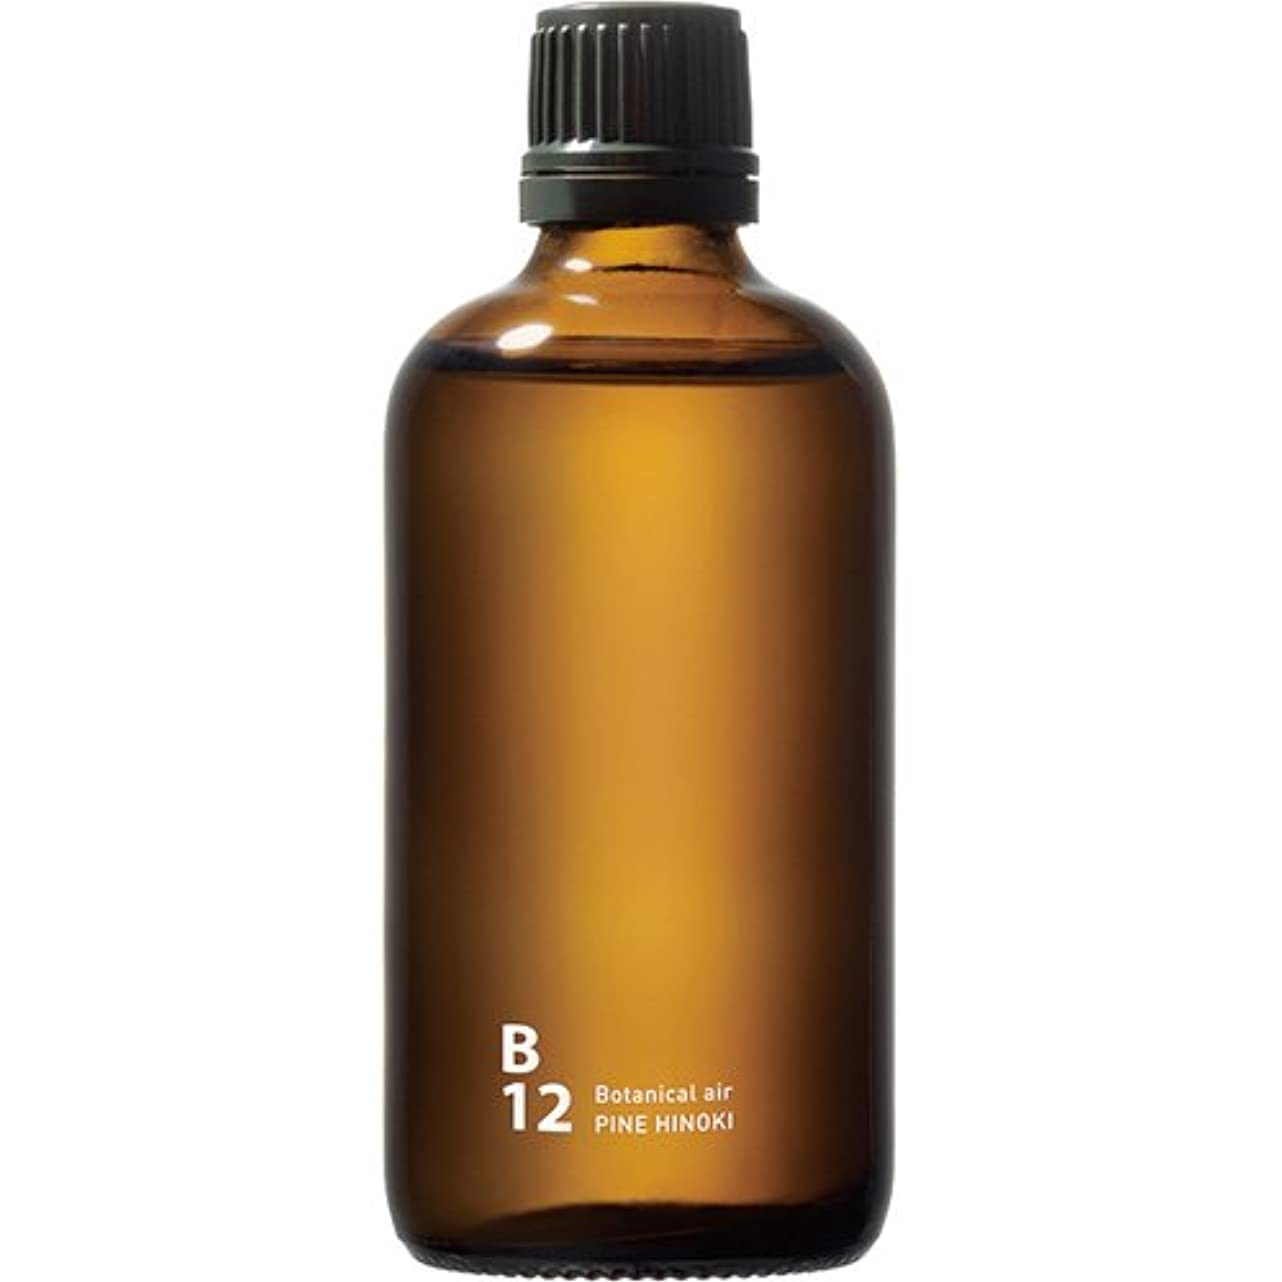 ウガンダコンテンツまだB12 PINE HINOKI piezo aroma oil 100ml